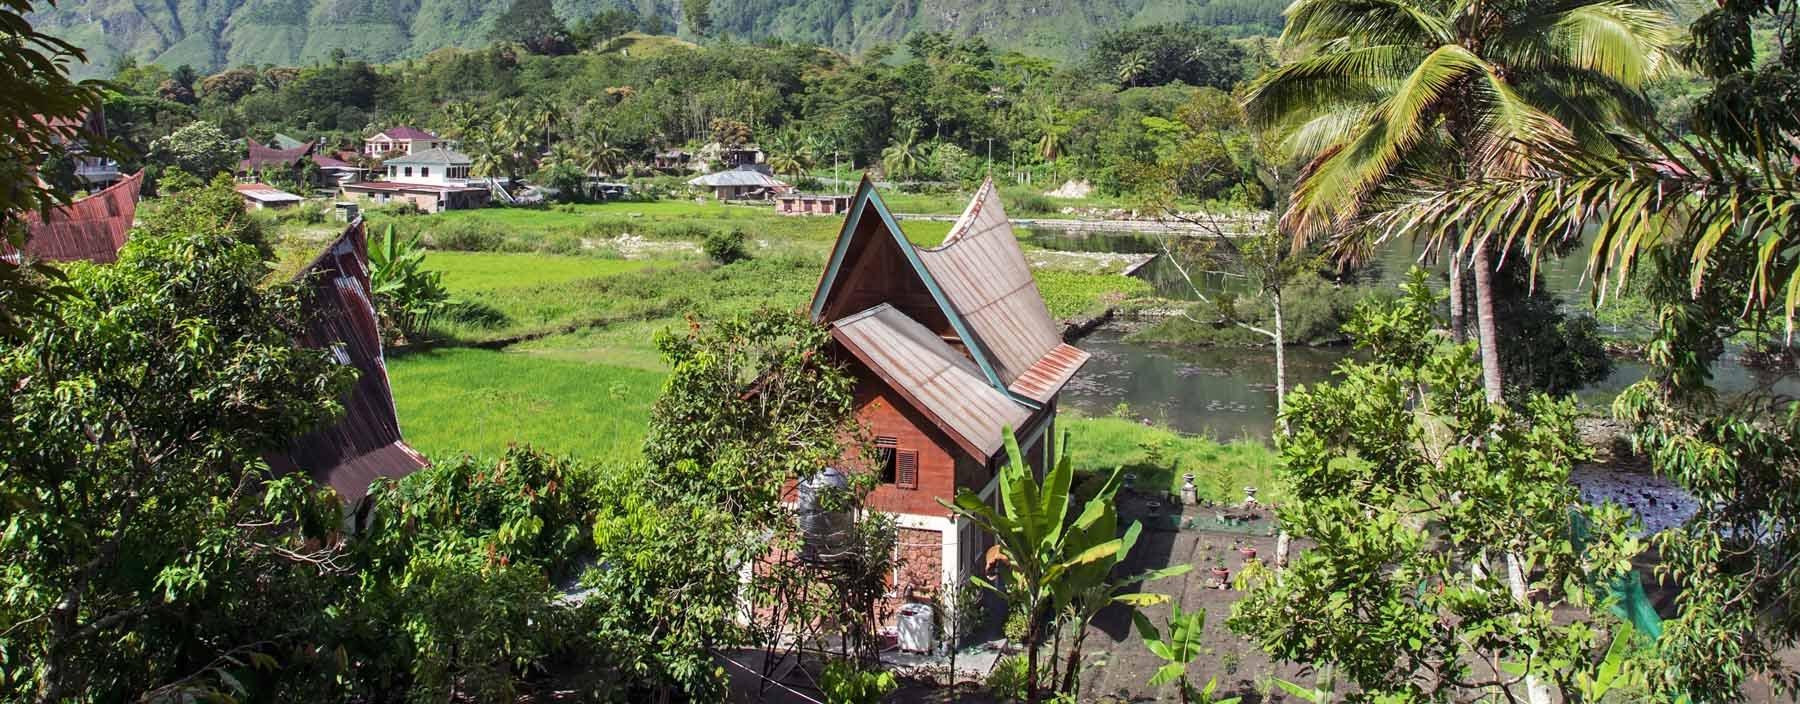 id, sumatra, rural landscape. lake toba.jpg